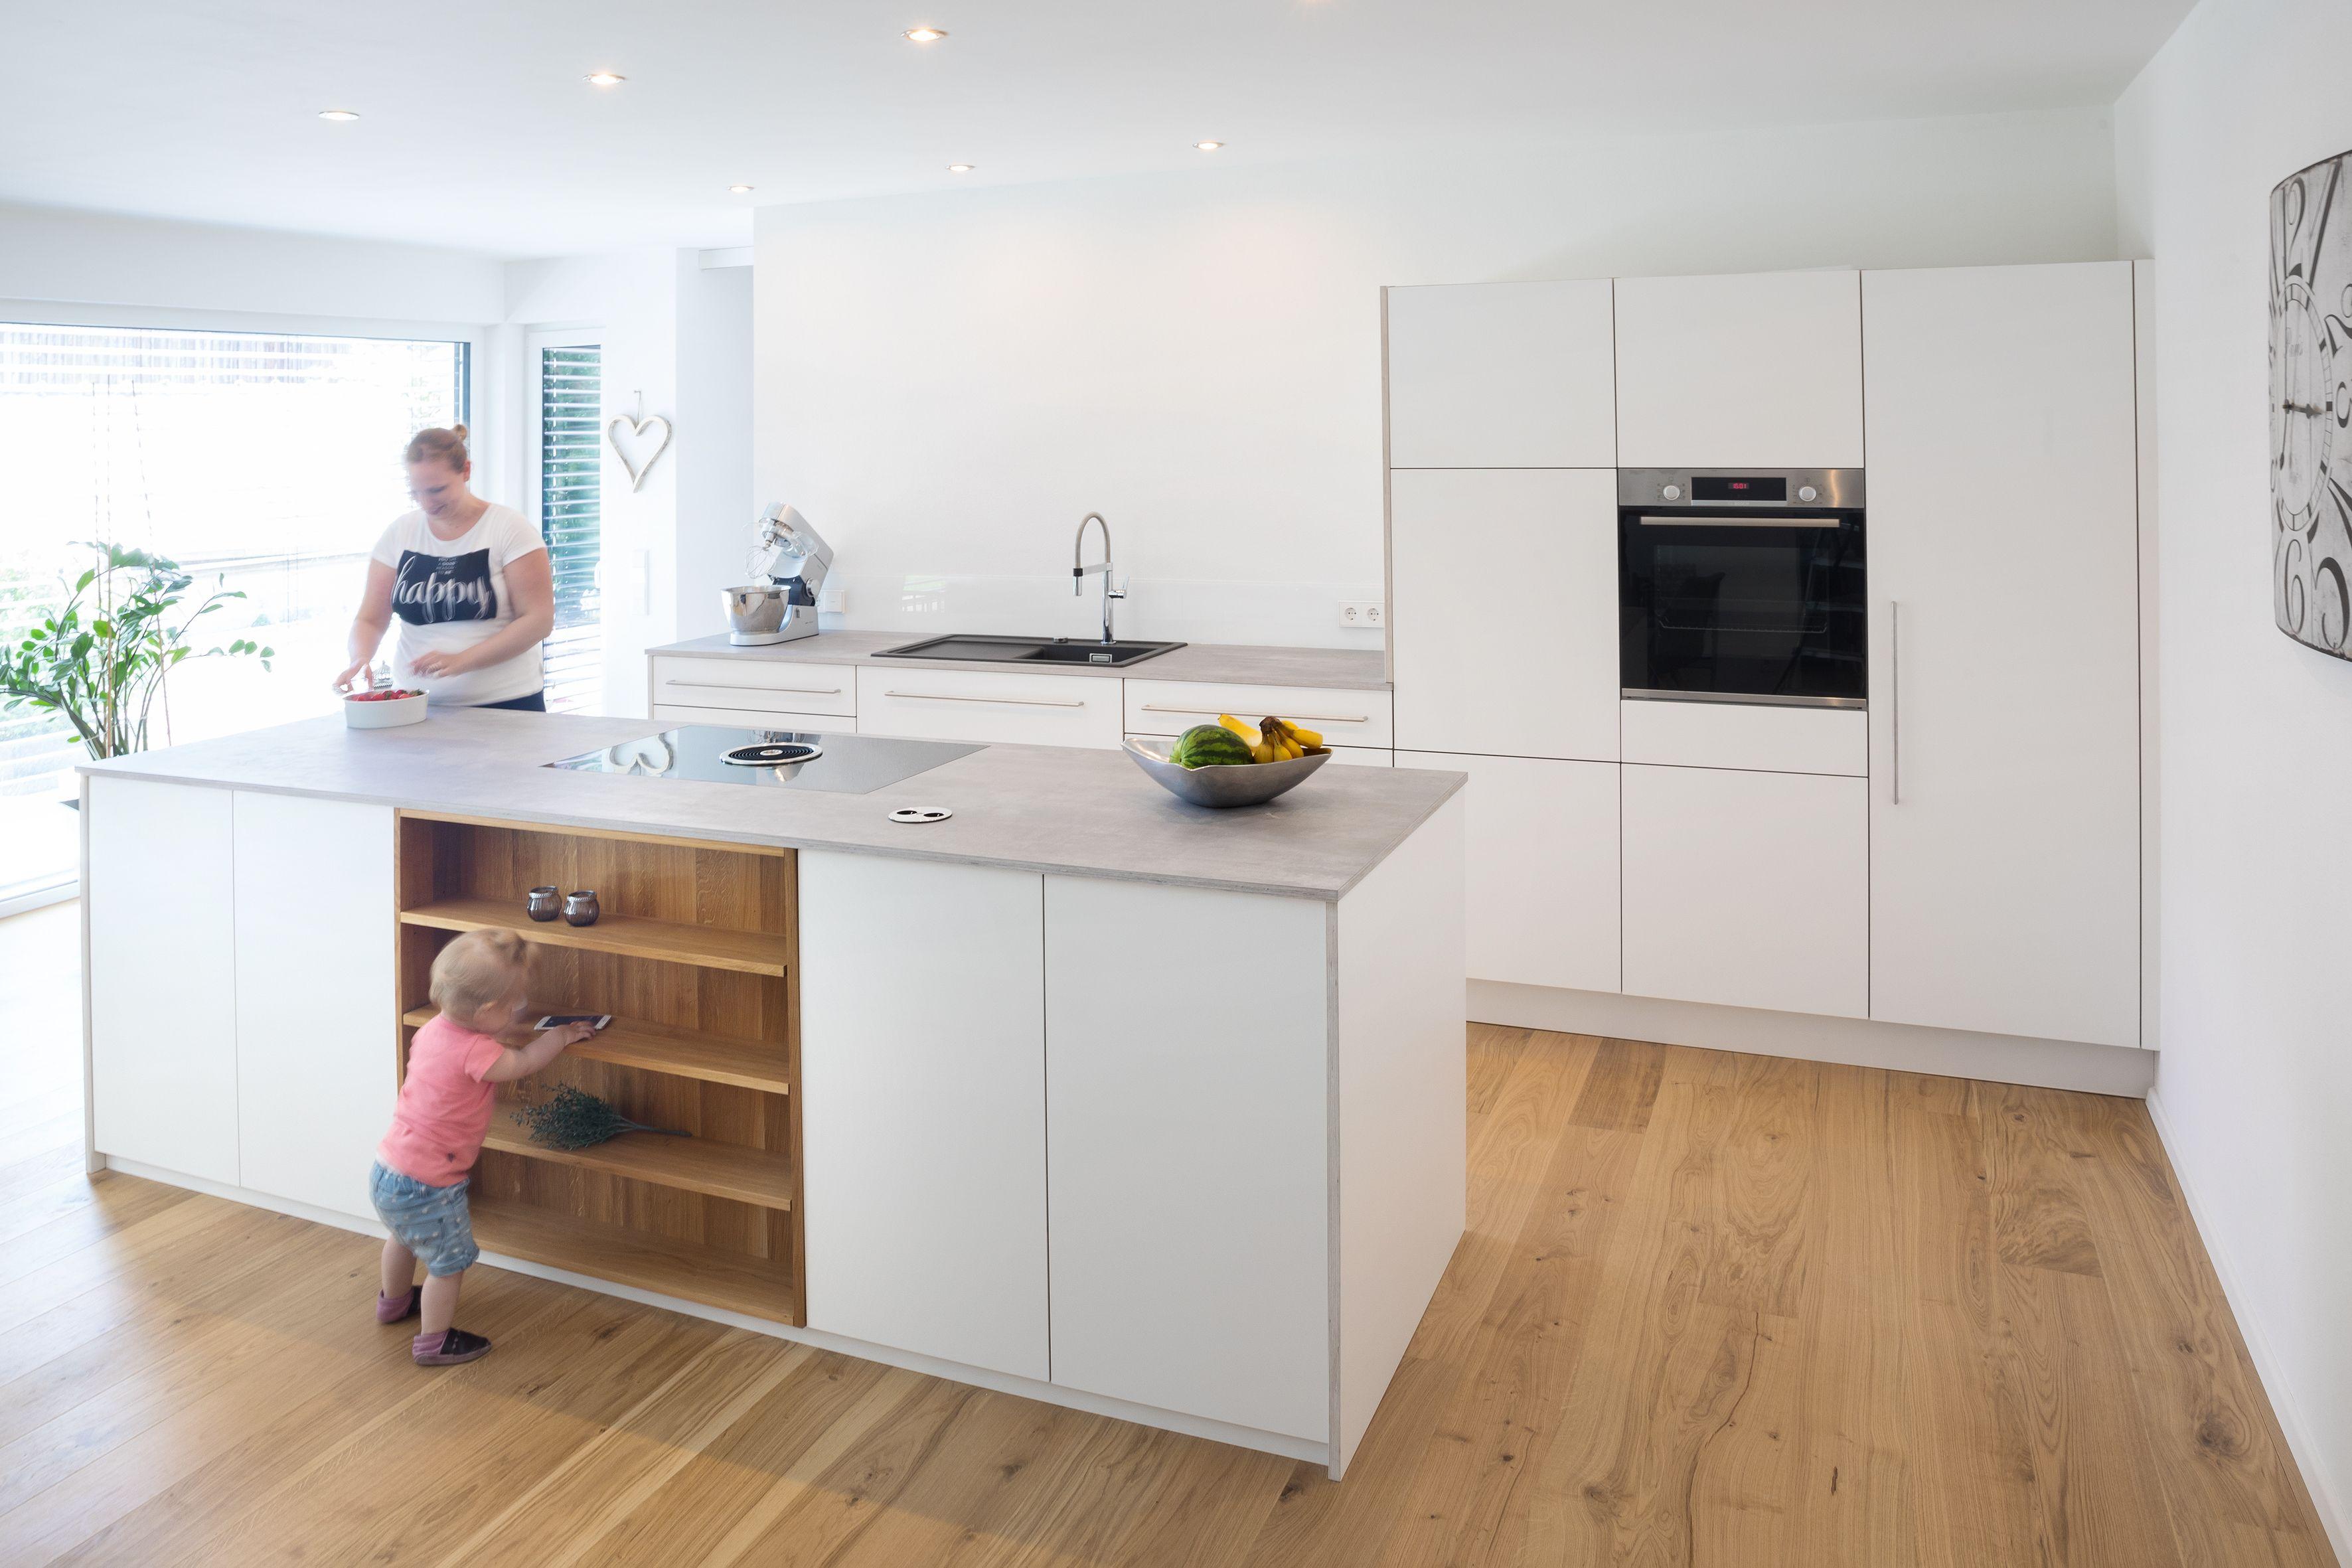 Offenes Küchenkonzept mit Kochinsel als zentraler Raum für die